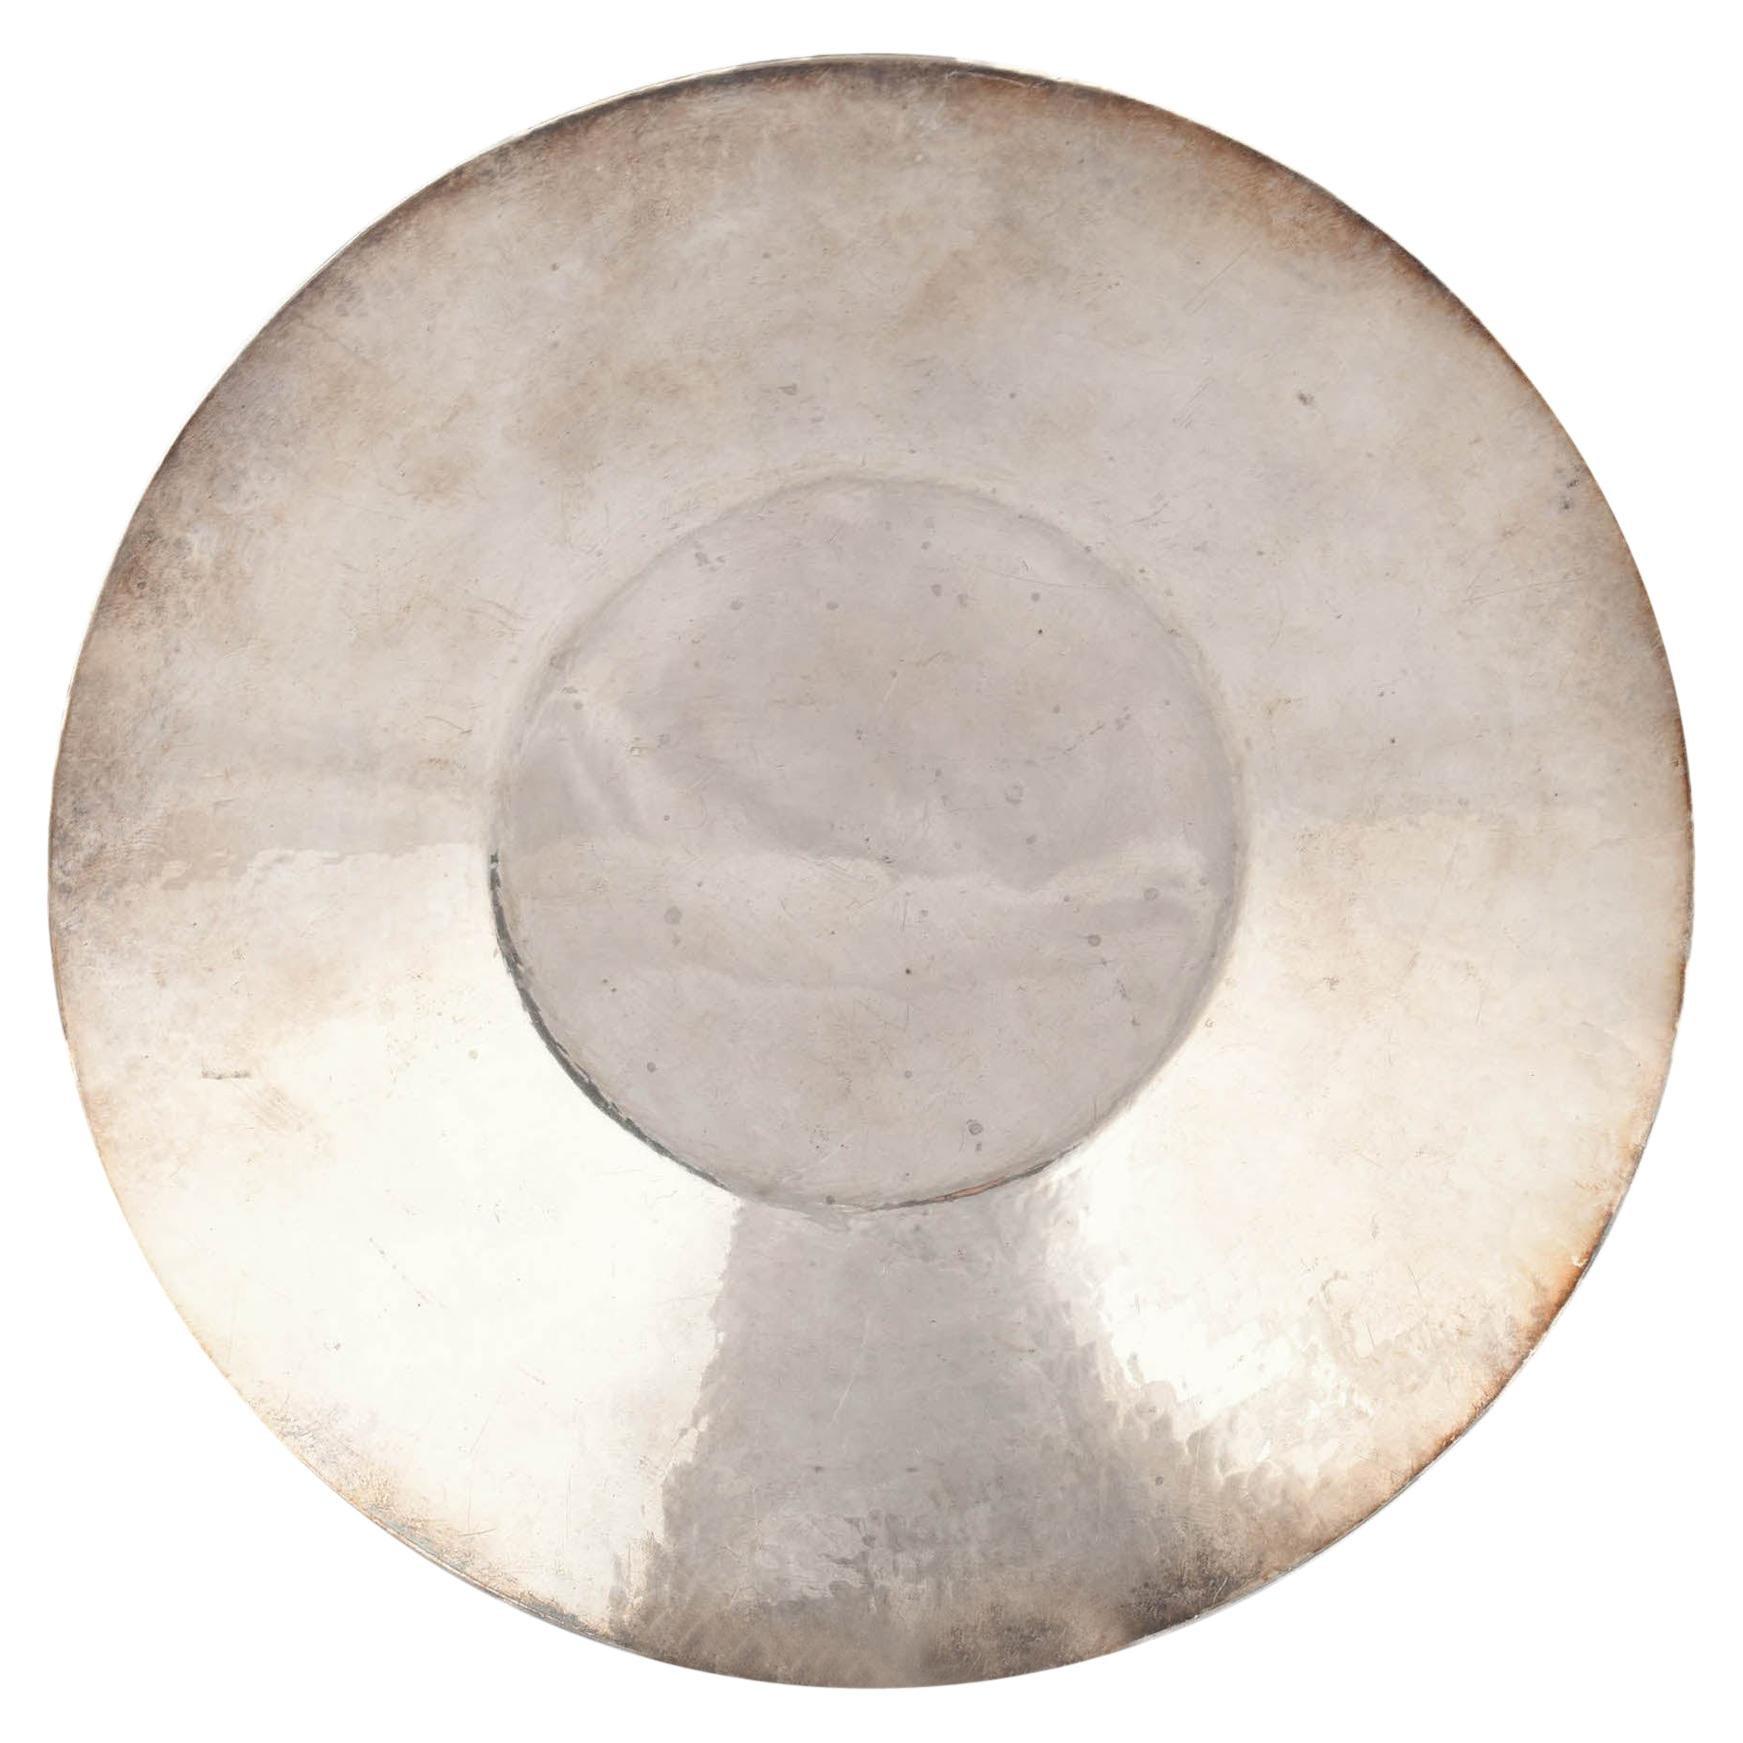 Vintage Art Deco Silver Plate by Rolf Koolman, Germany, 1920s